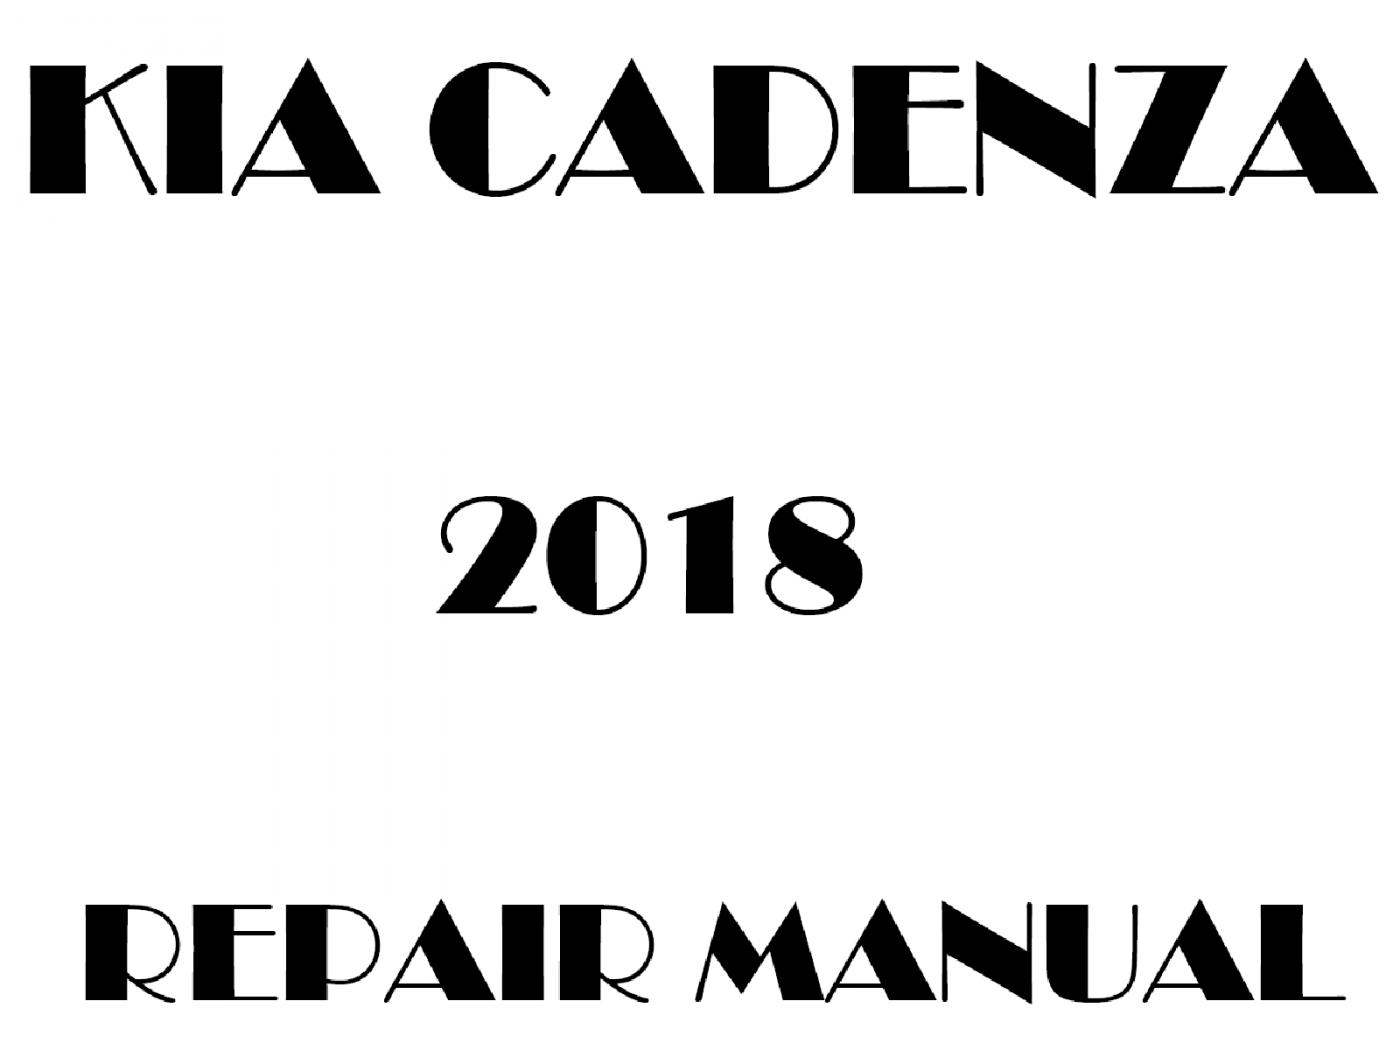 2018 Kia Cadenza repair manual